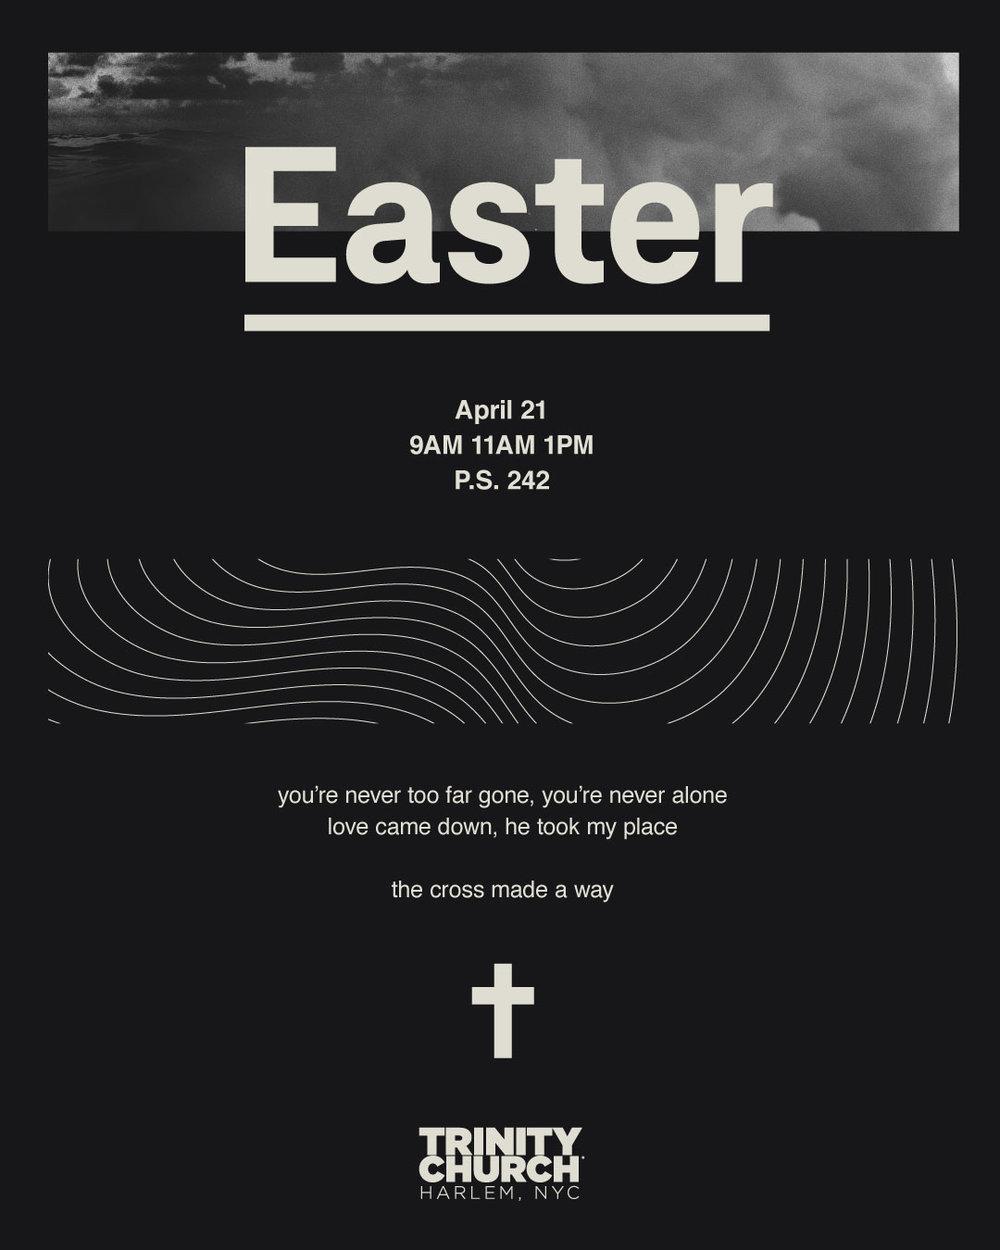 Easter_Social_Feed_04.jpg